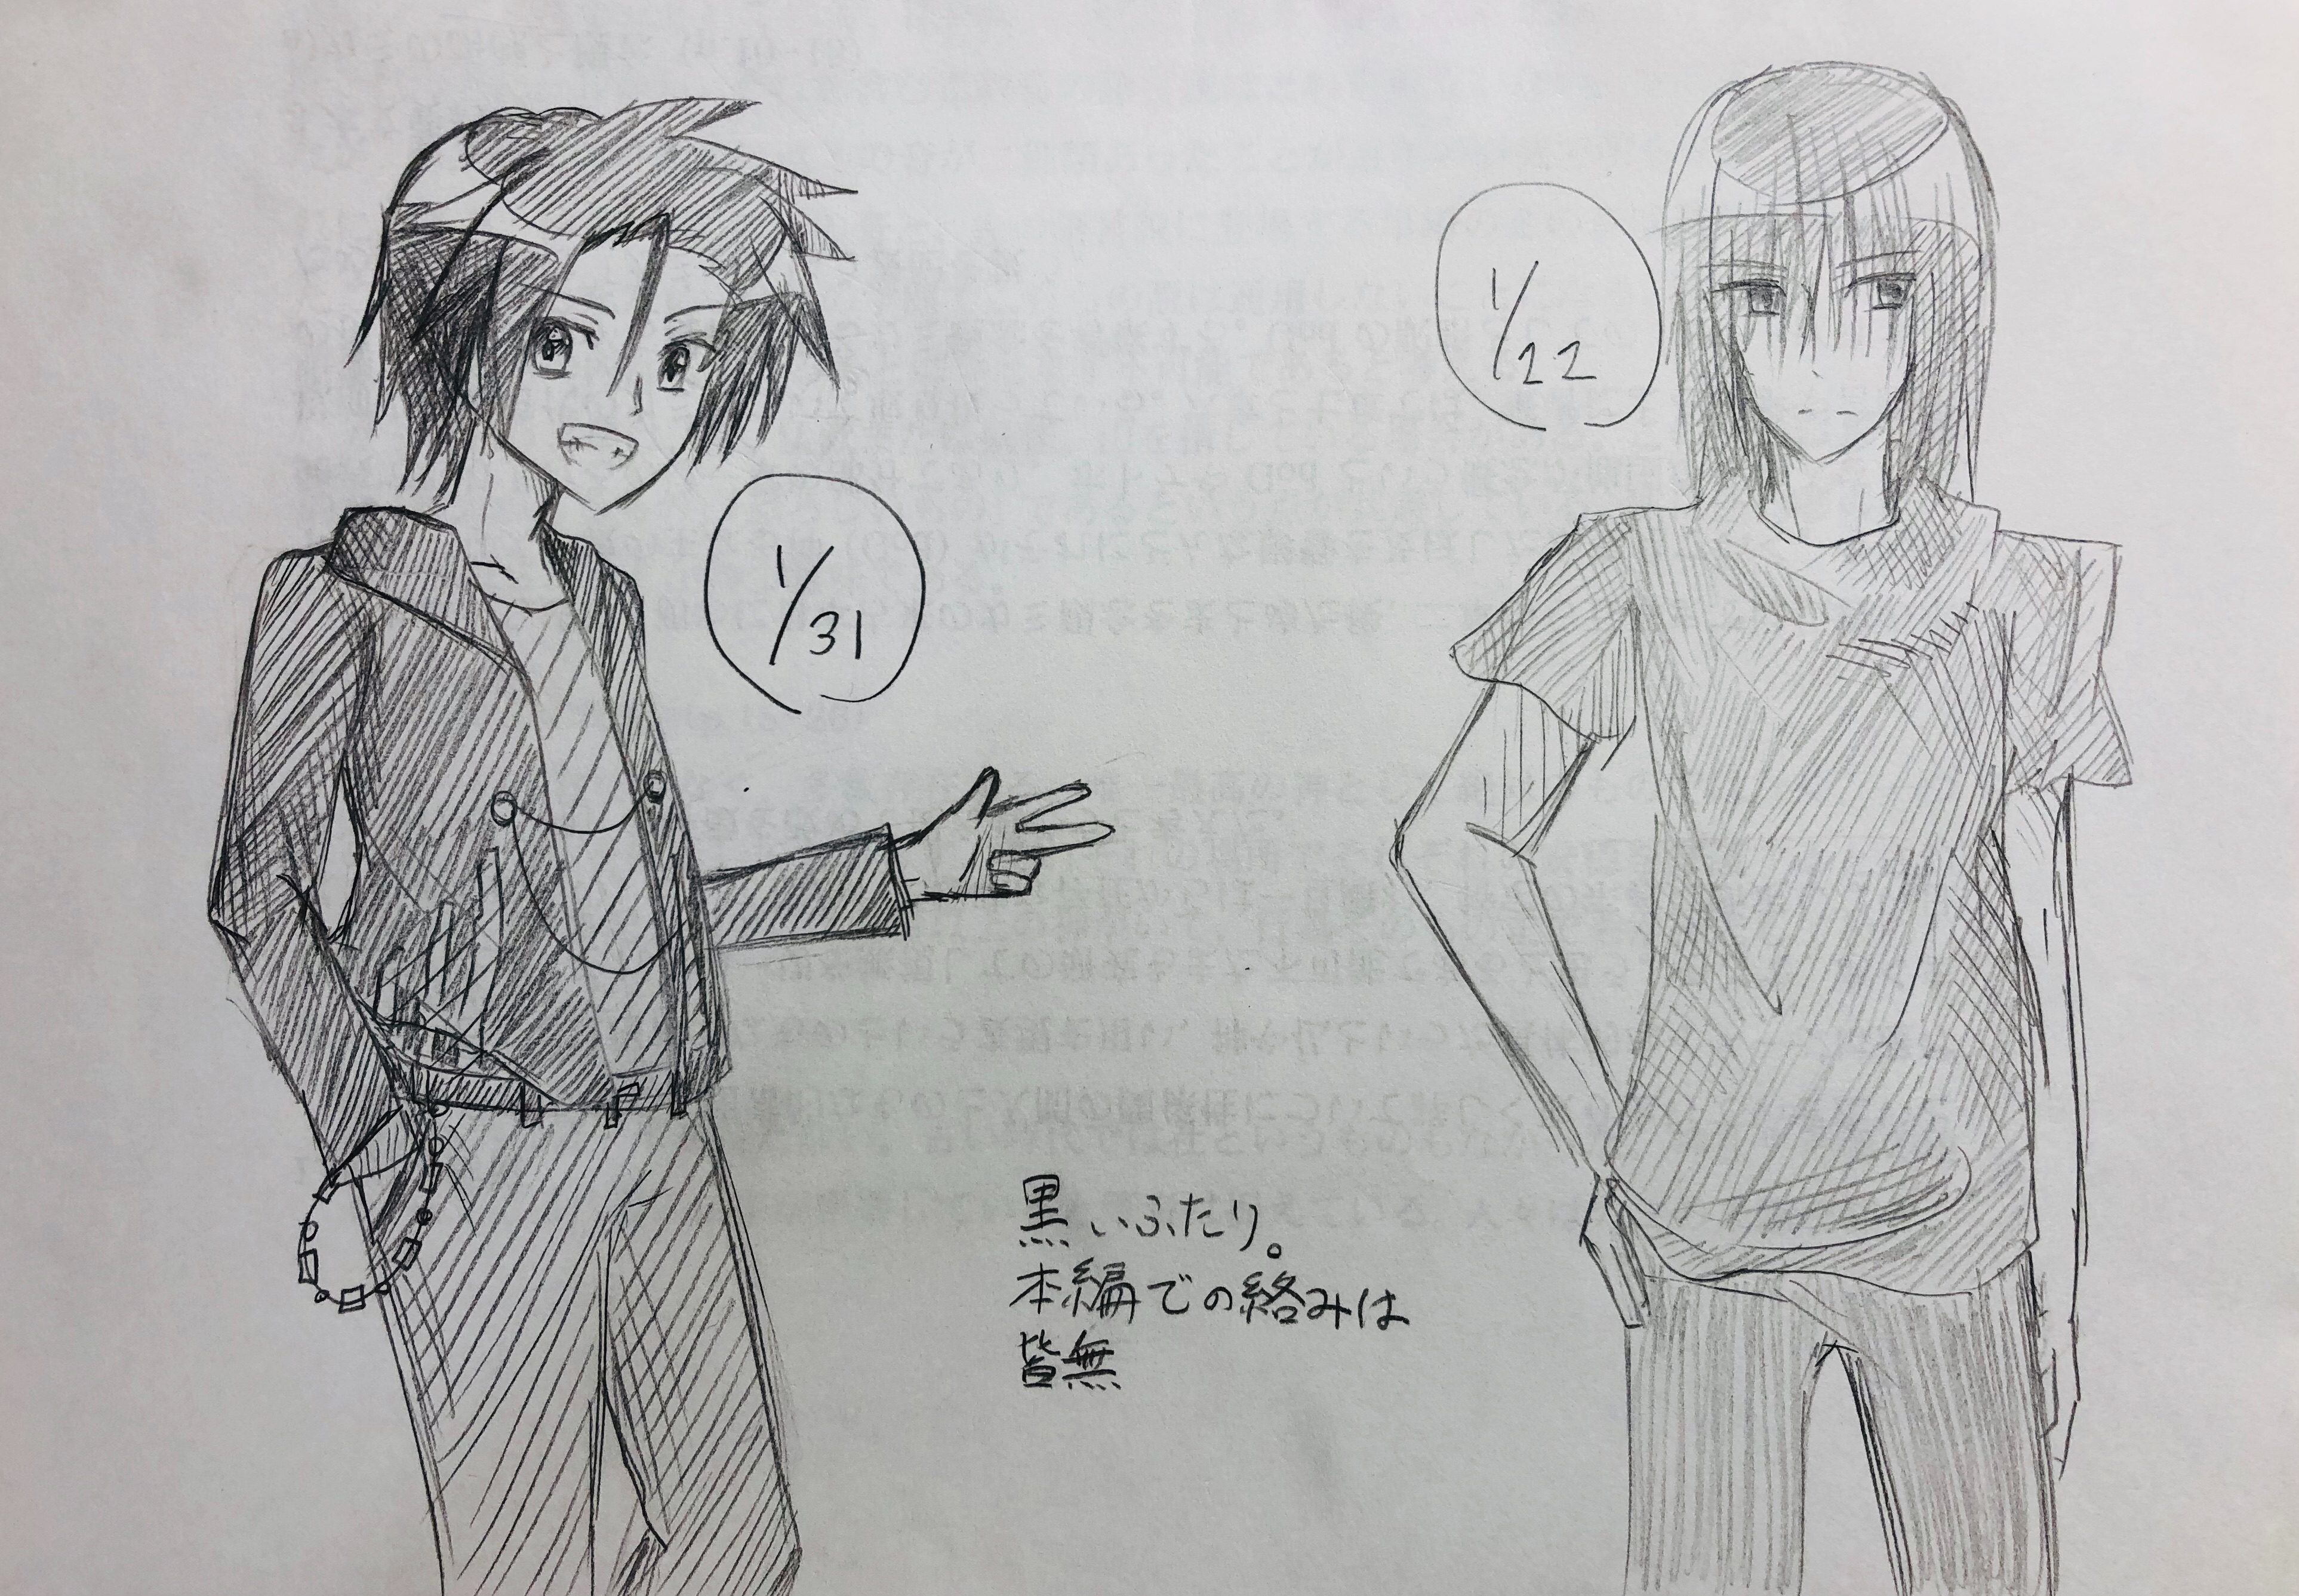 f:id:Yuki-19:20200127153339j:plain